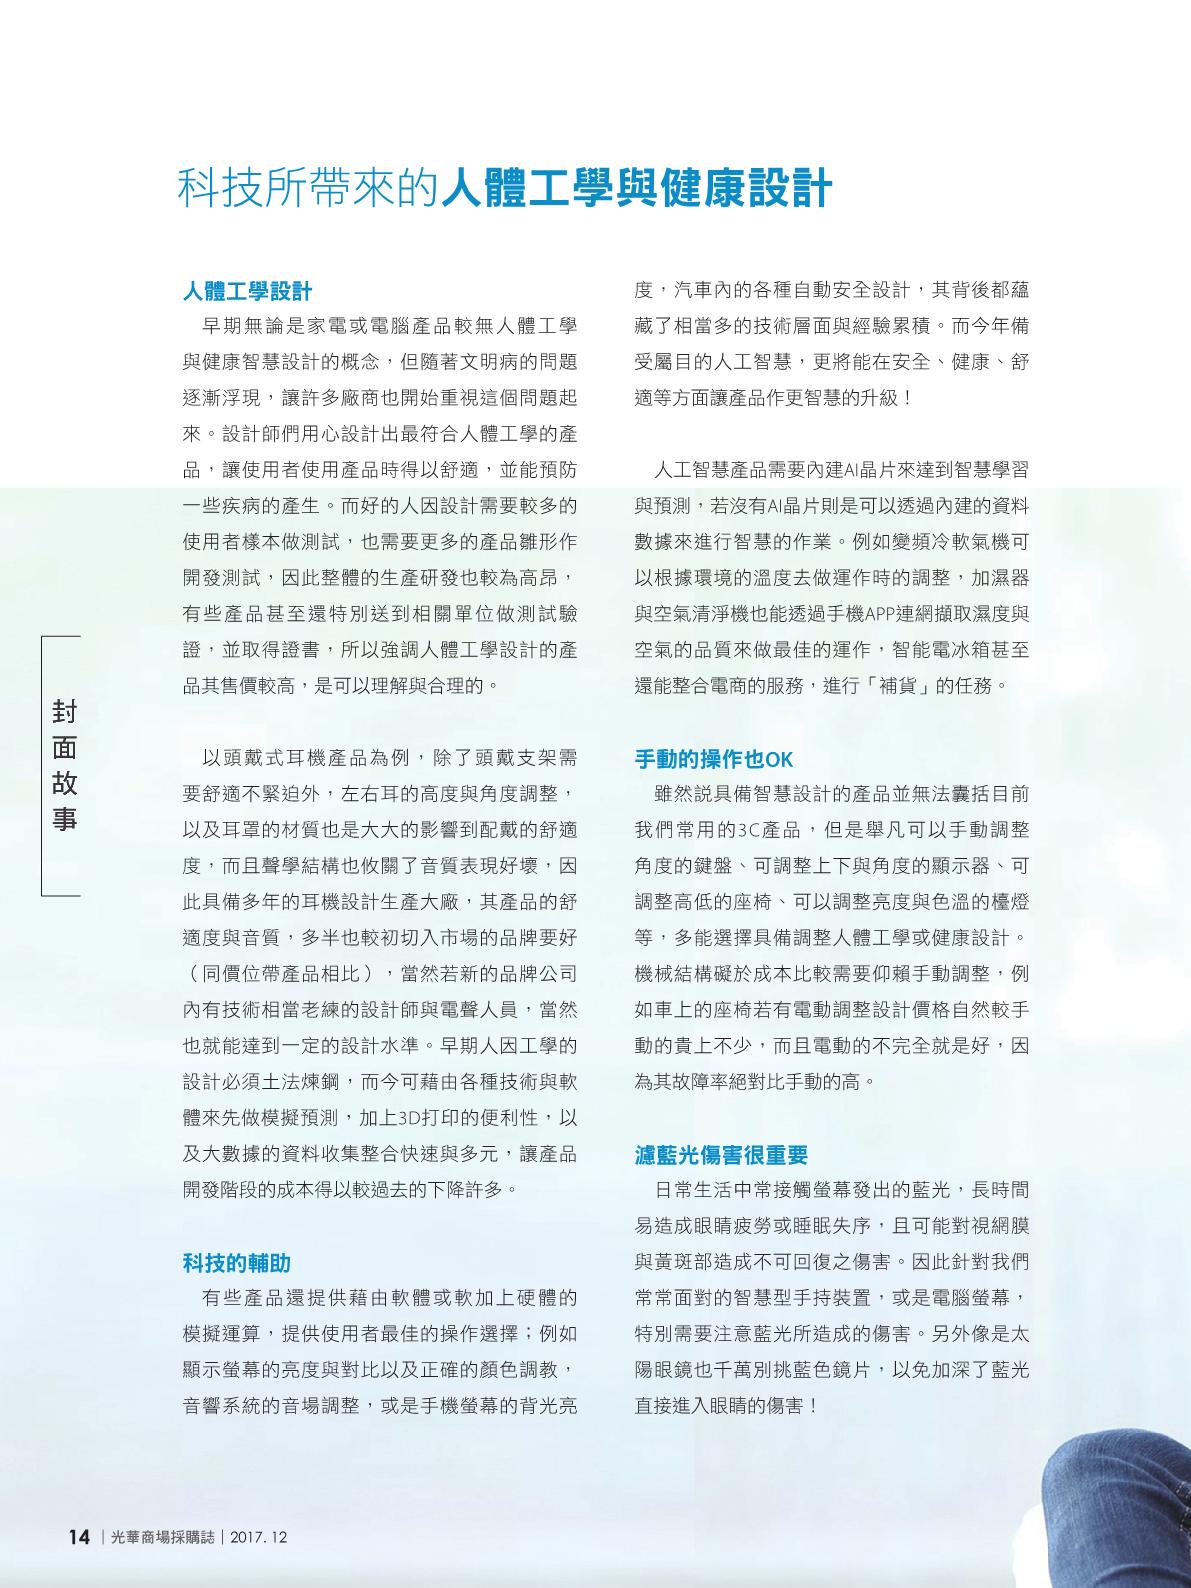 光華商場採購誌2017年12月號16.png